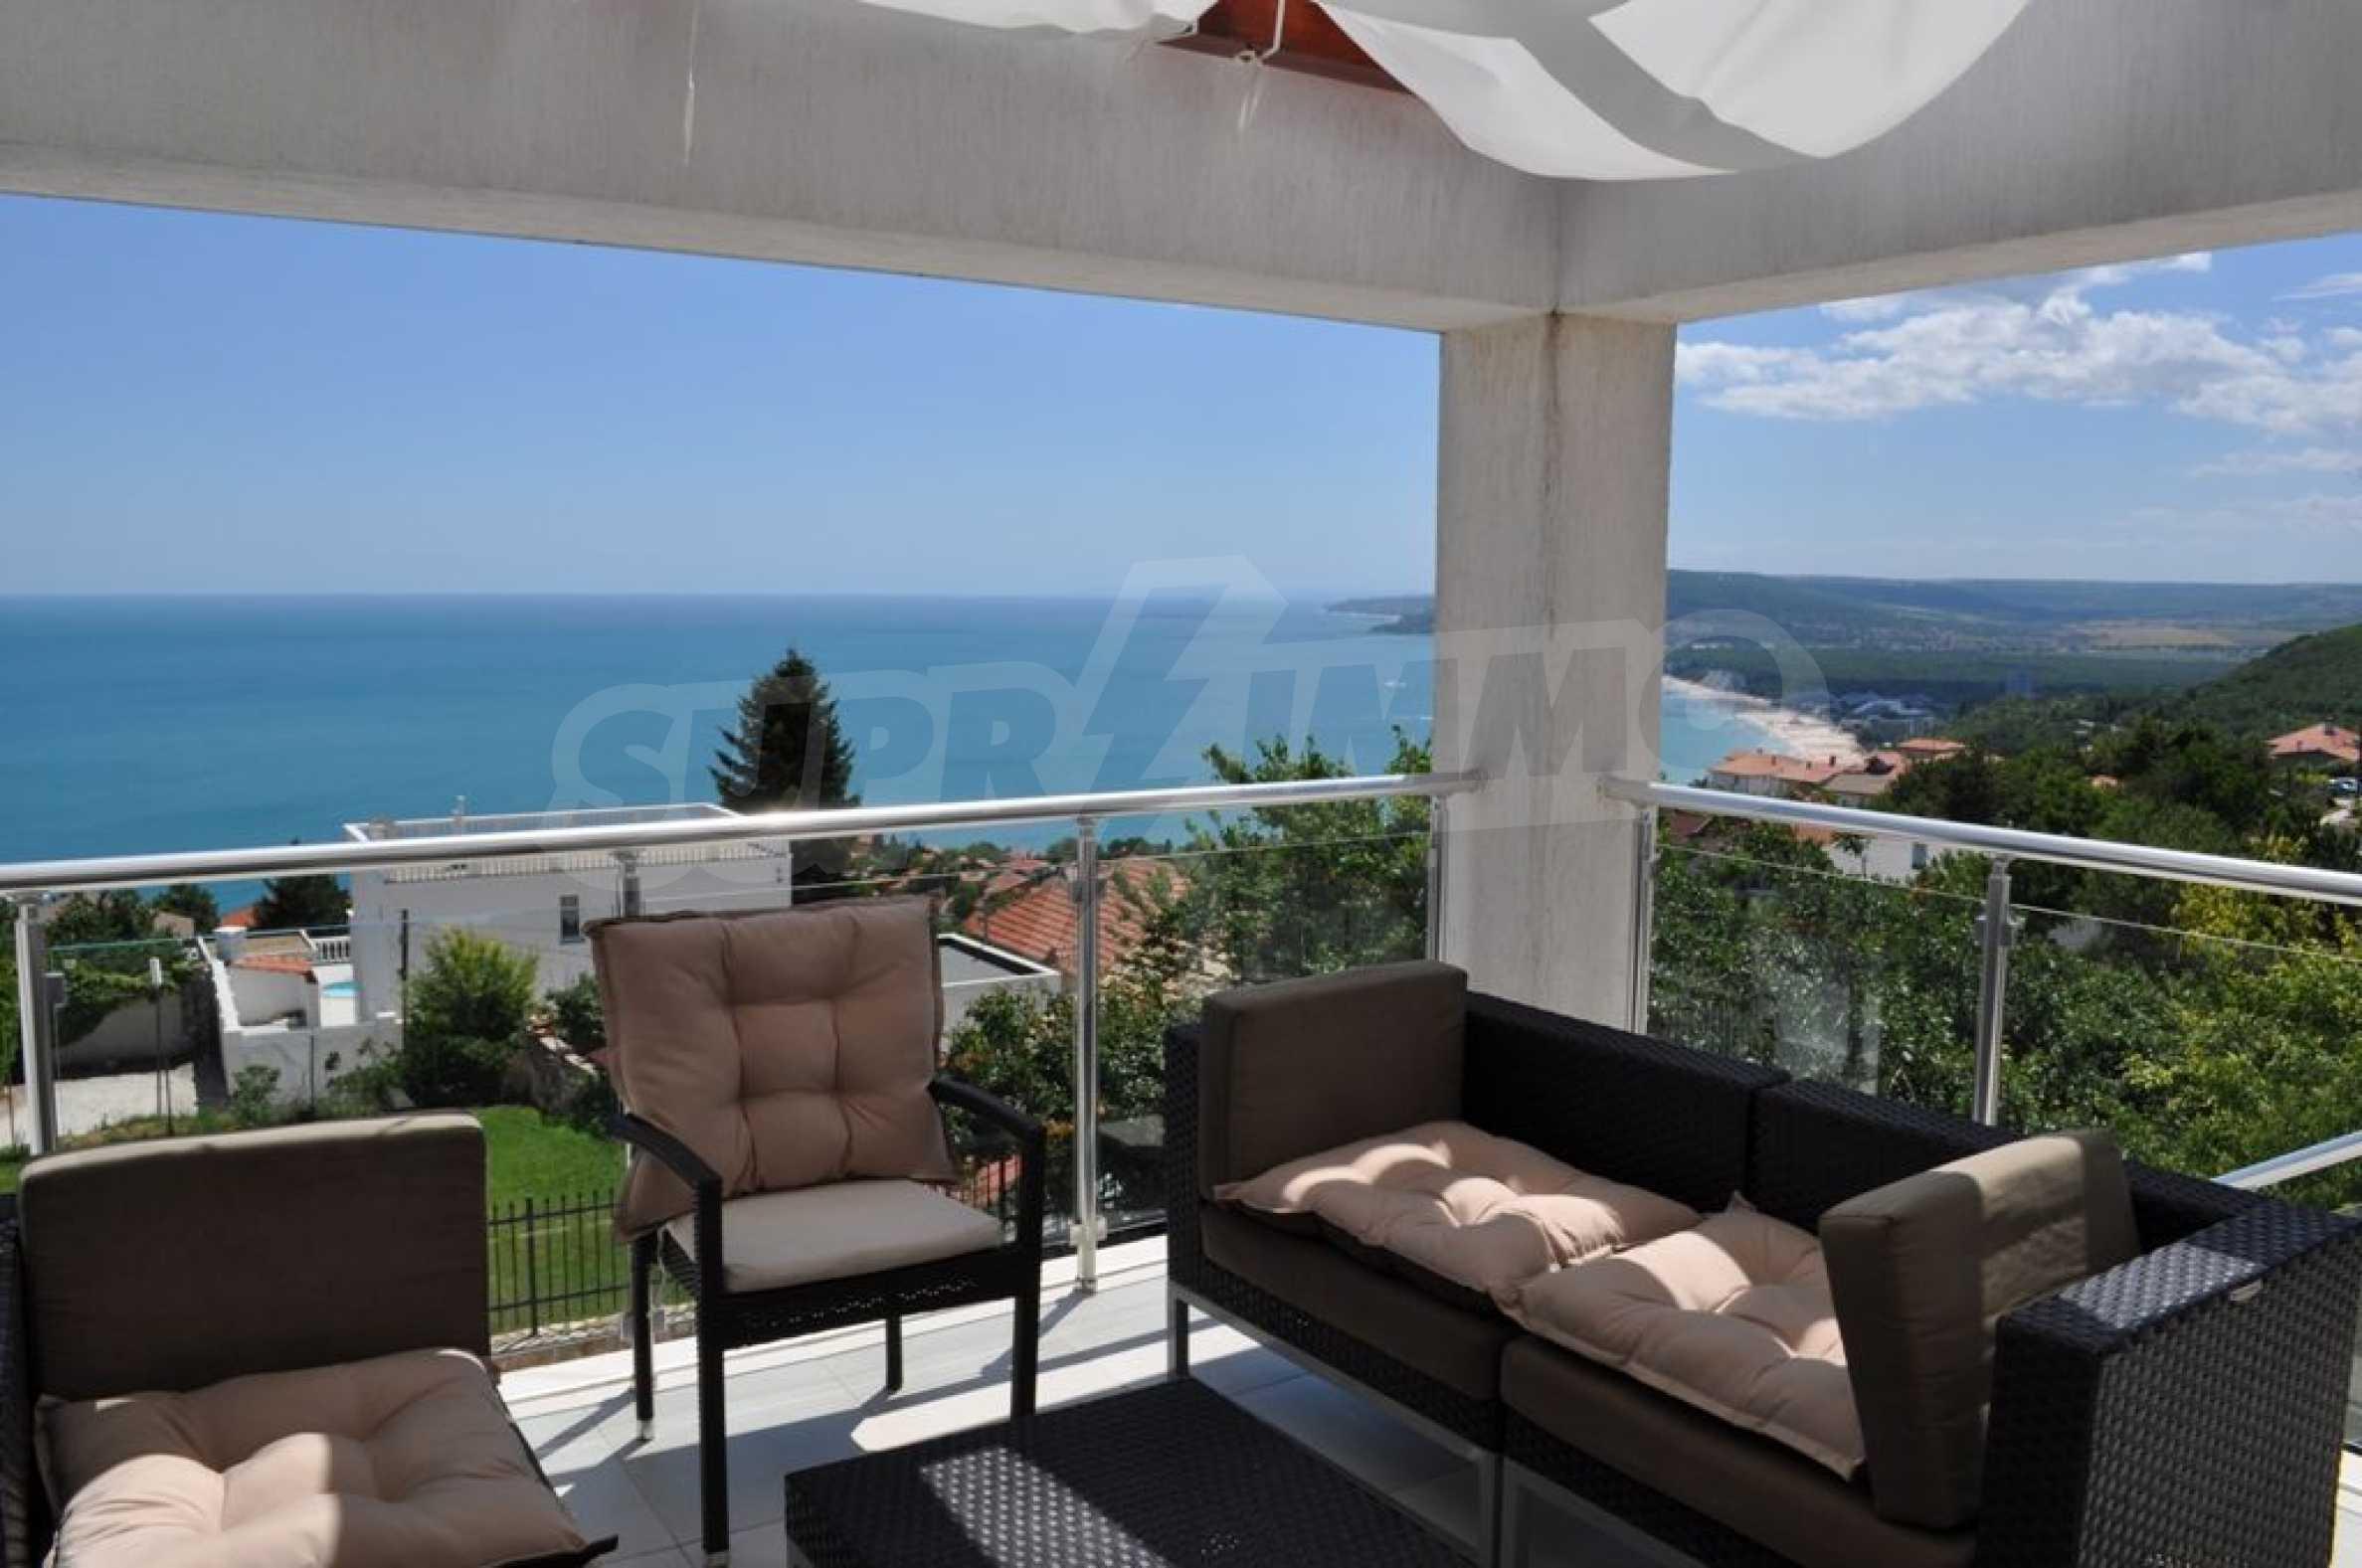 Luxusvilla mit 4 Schlafzimmern zu vermieten in der Nähe des Resorts. Albena 3